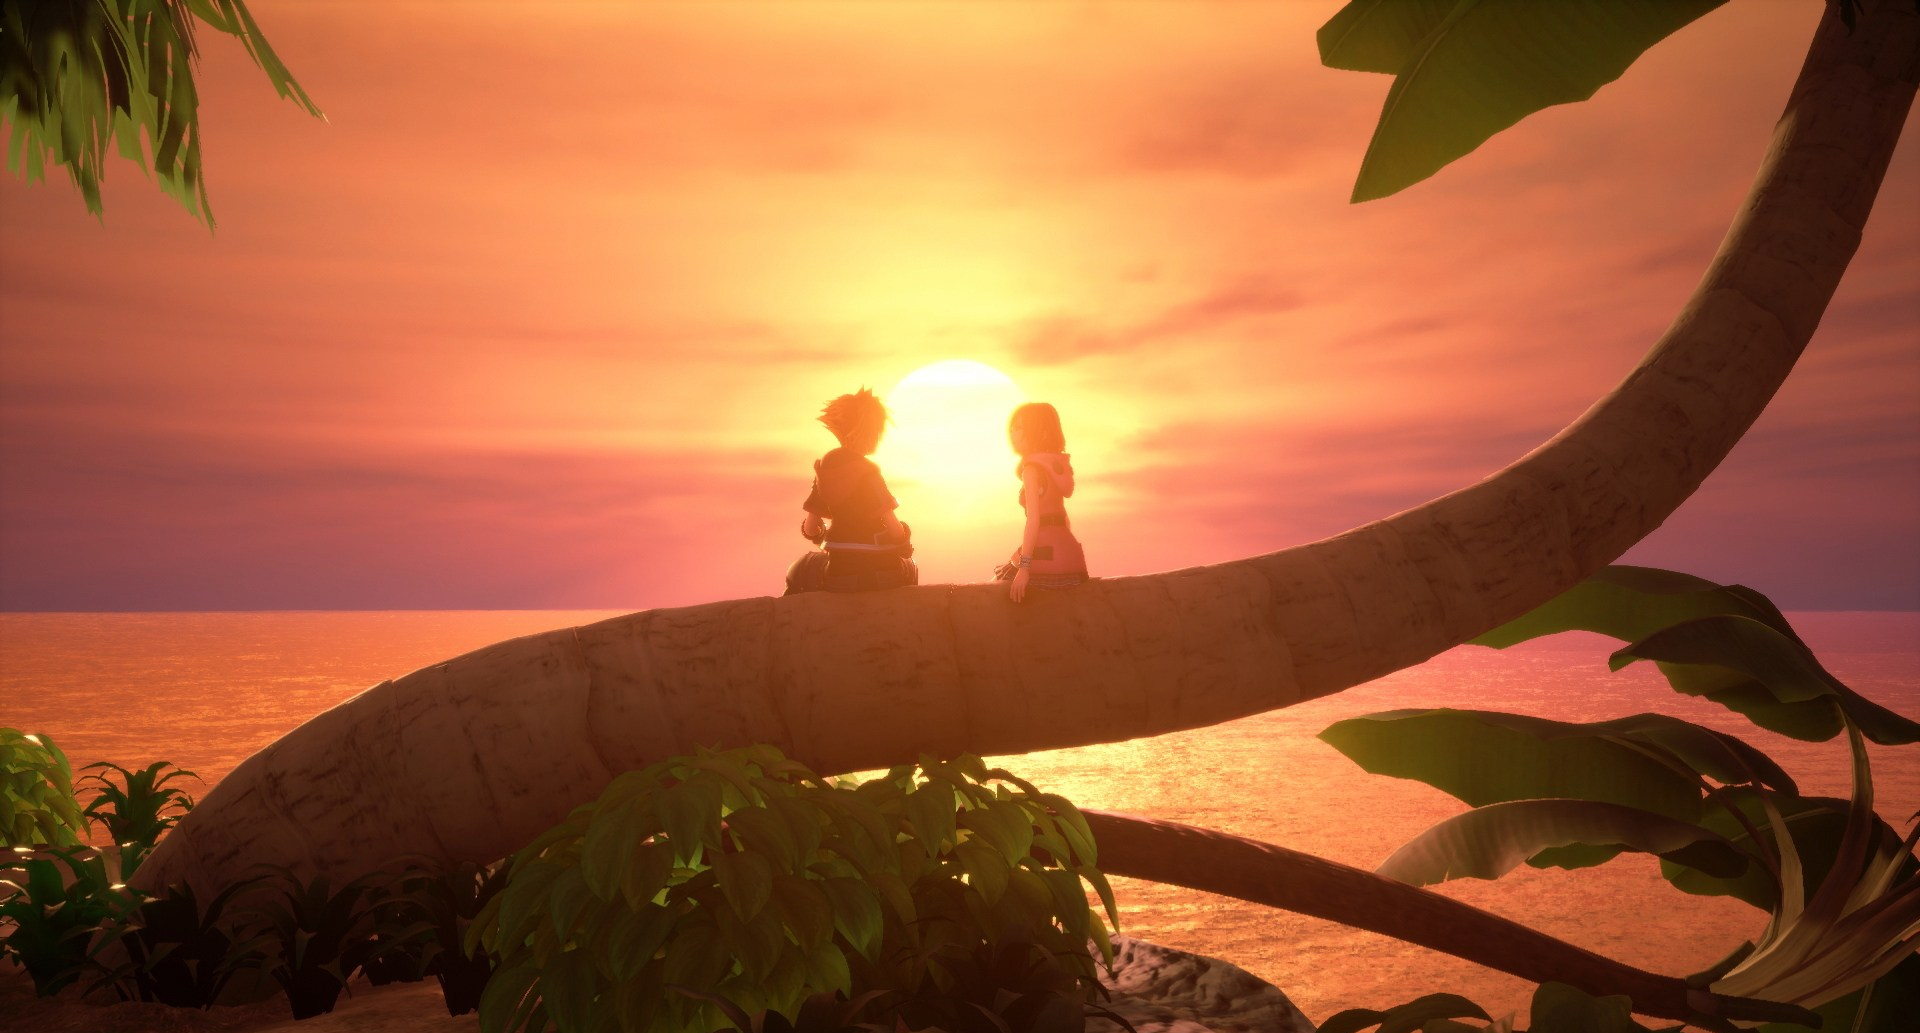 Sora and Kairi Tree